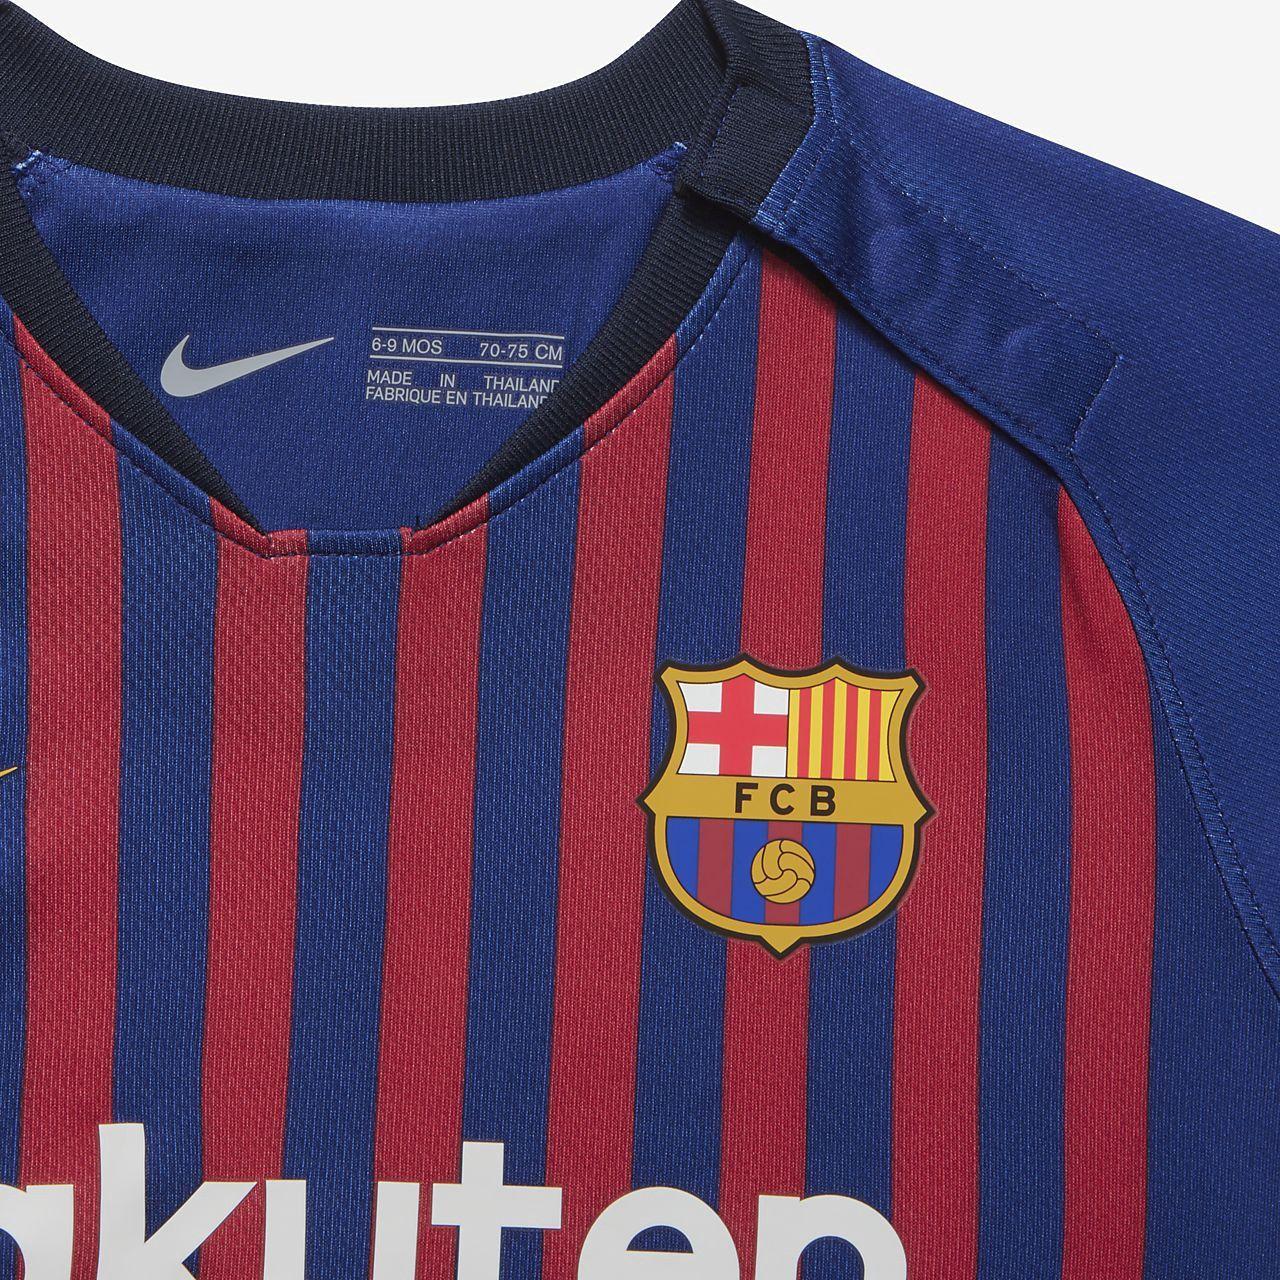 6c7f11ad07d Nike 2018 19 Fc Barcelona Stadium Home Infant Soccer Kit - 18-24M Gold